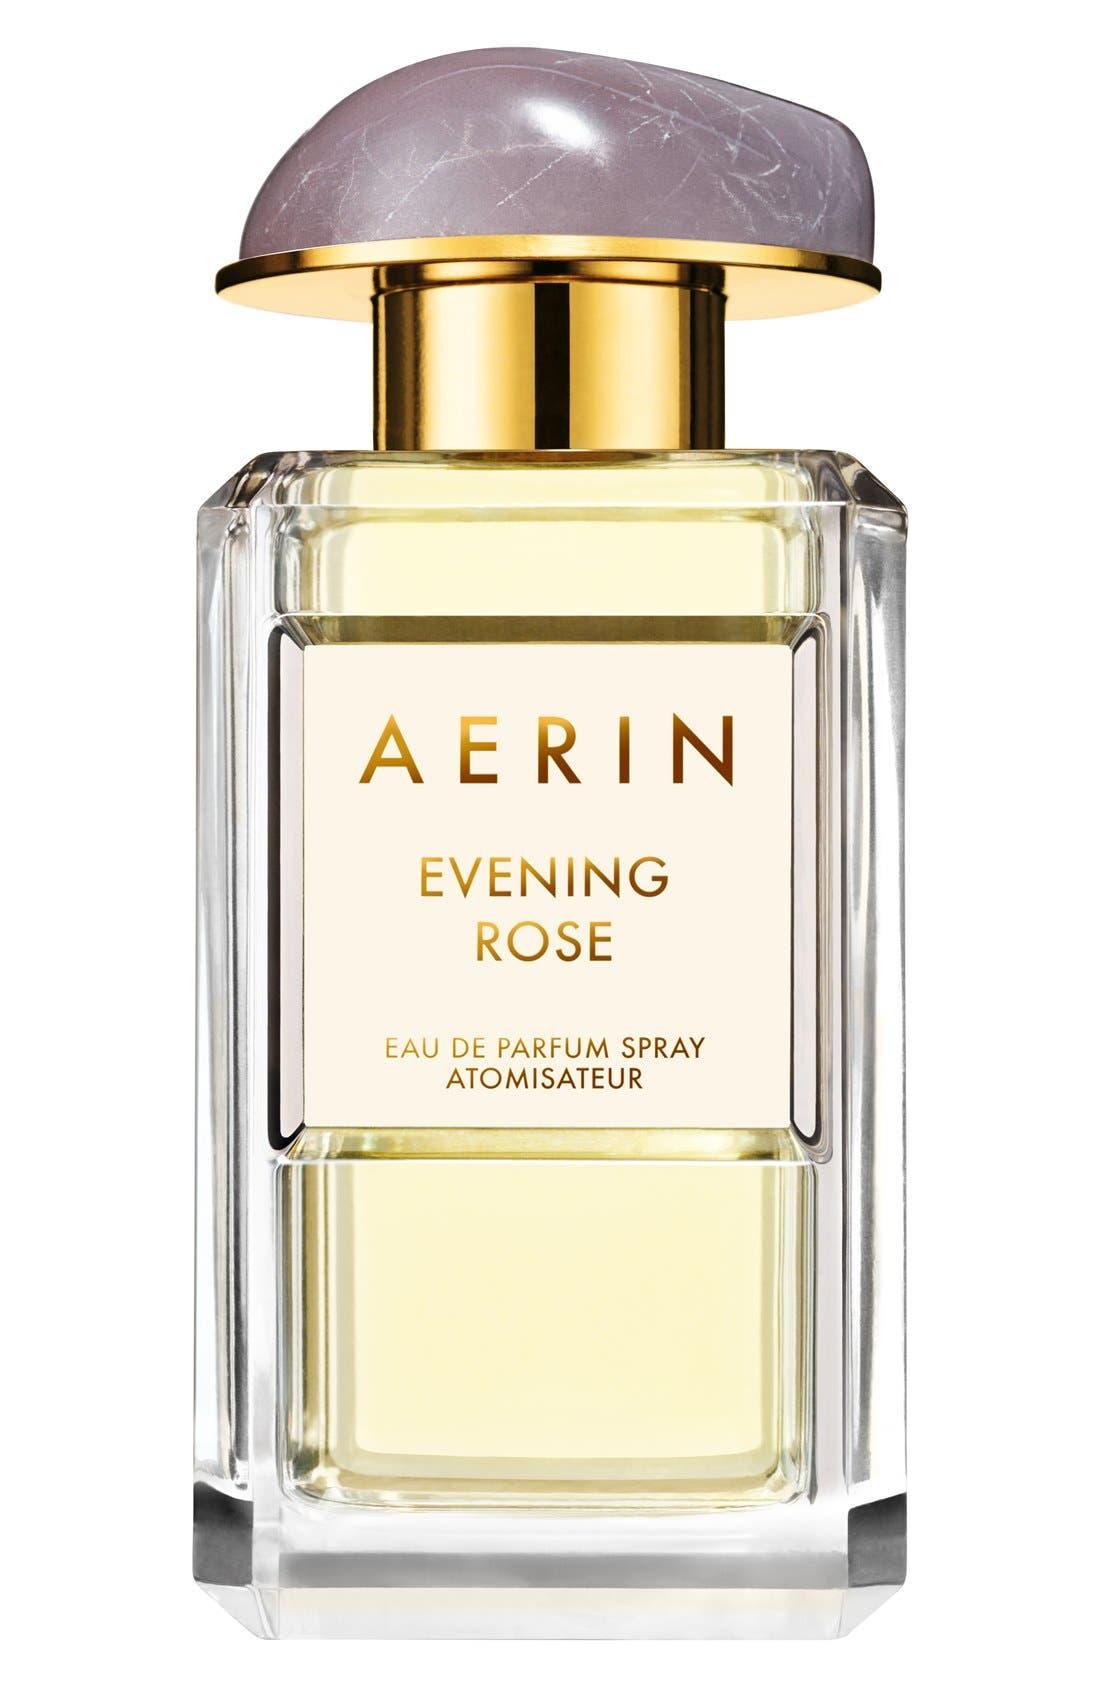 AERIN Beauty Evening Rose Eau de Parfum Spray,                             Main thumbnail 1, color,                             NO COLOR